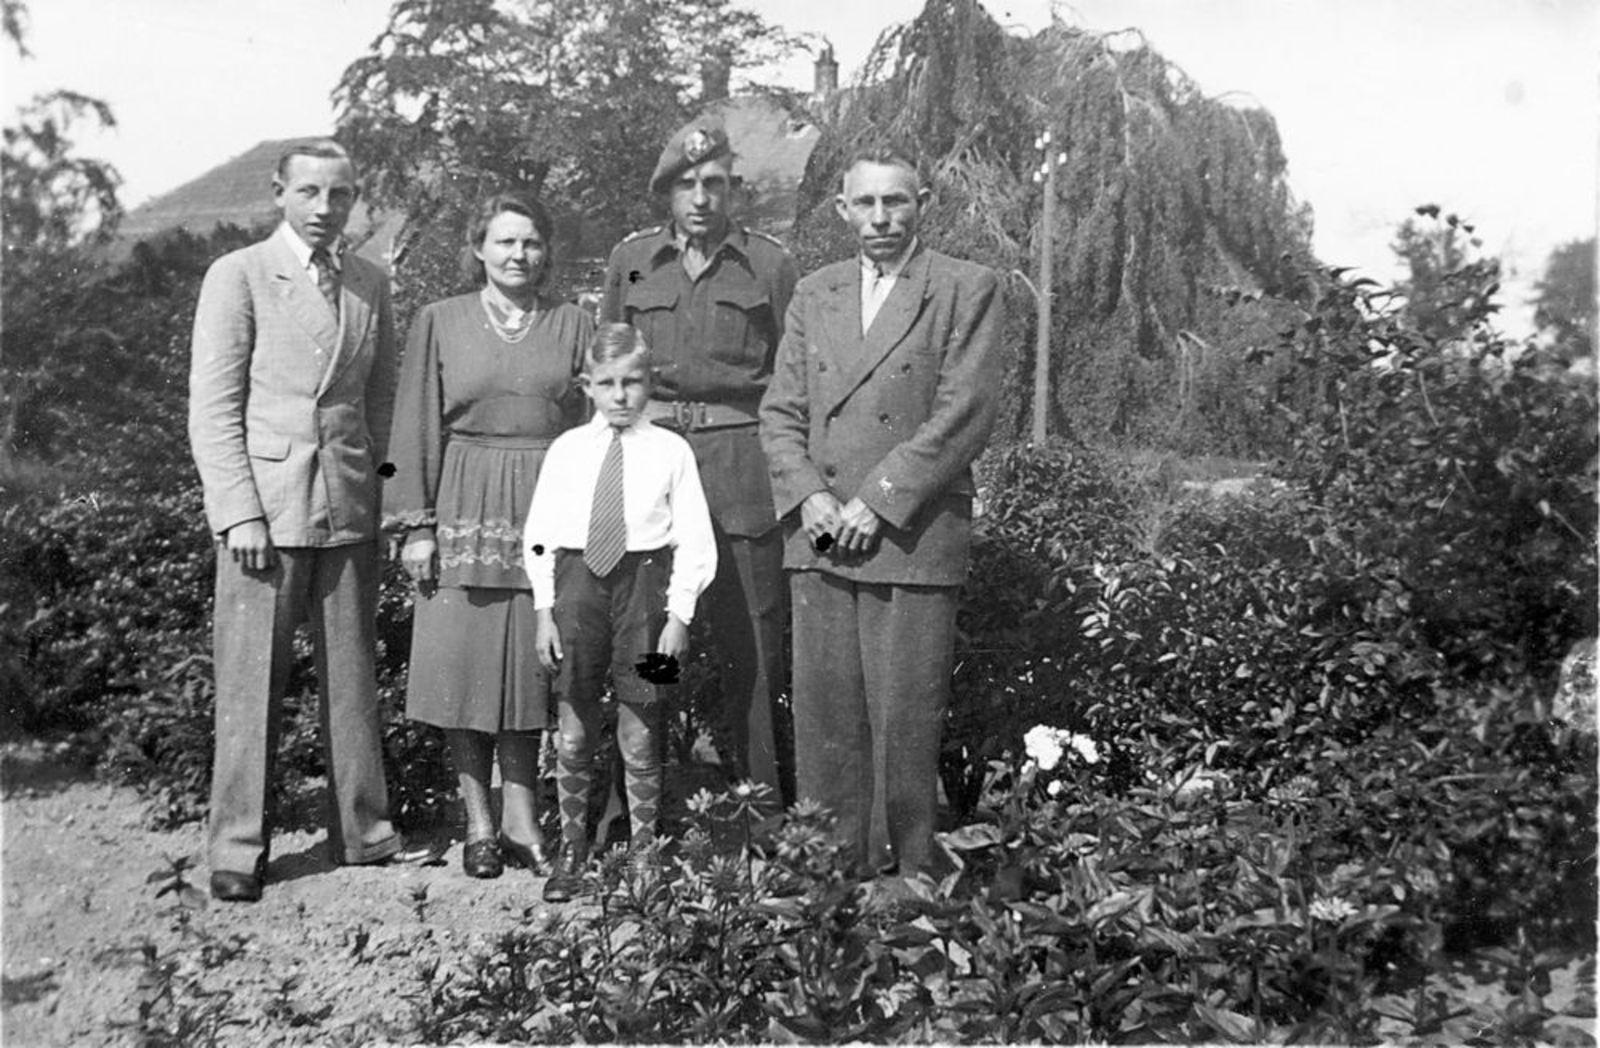 Vijfhuizerweg N 0197 1950± Anton vd Steeg Soldaat 03